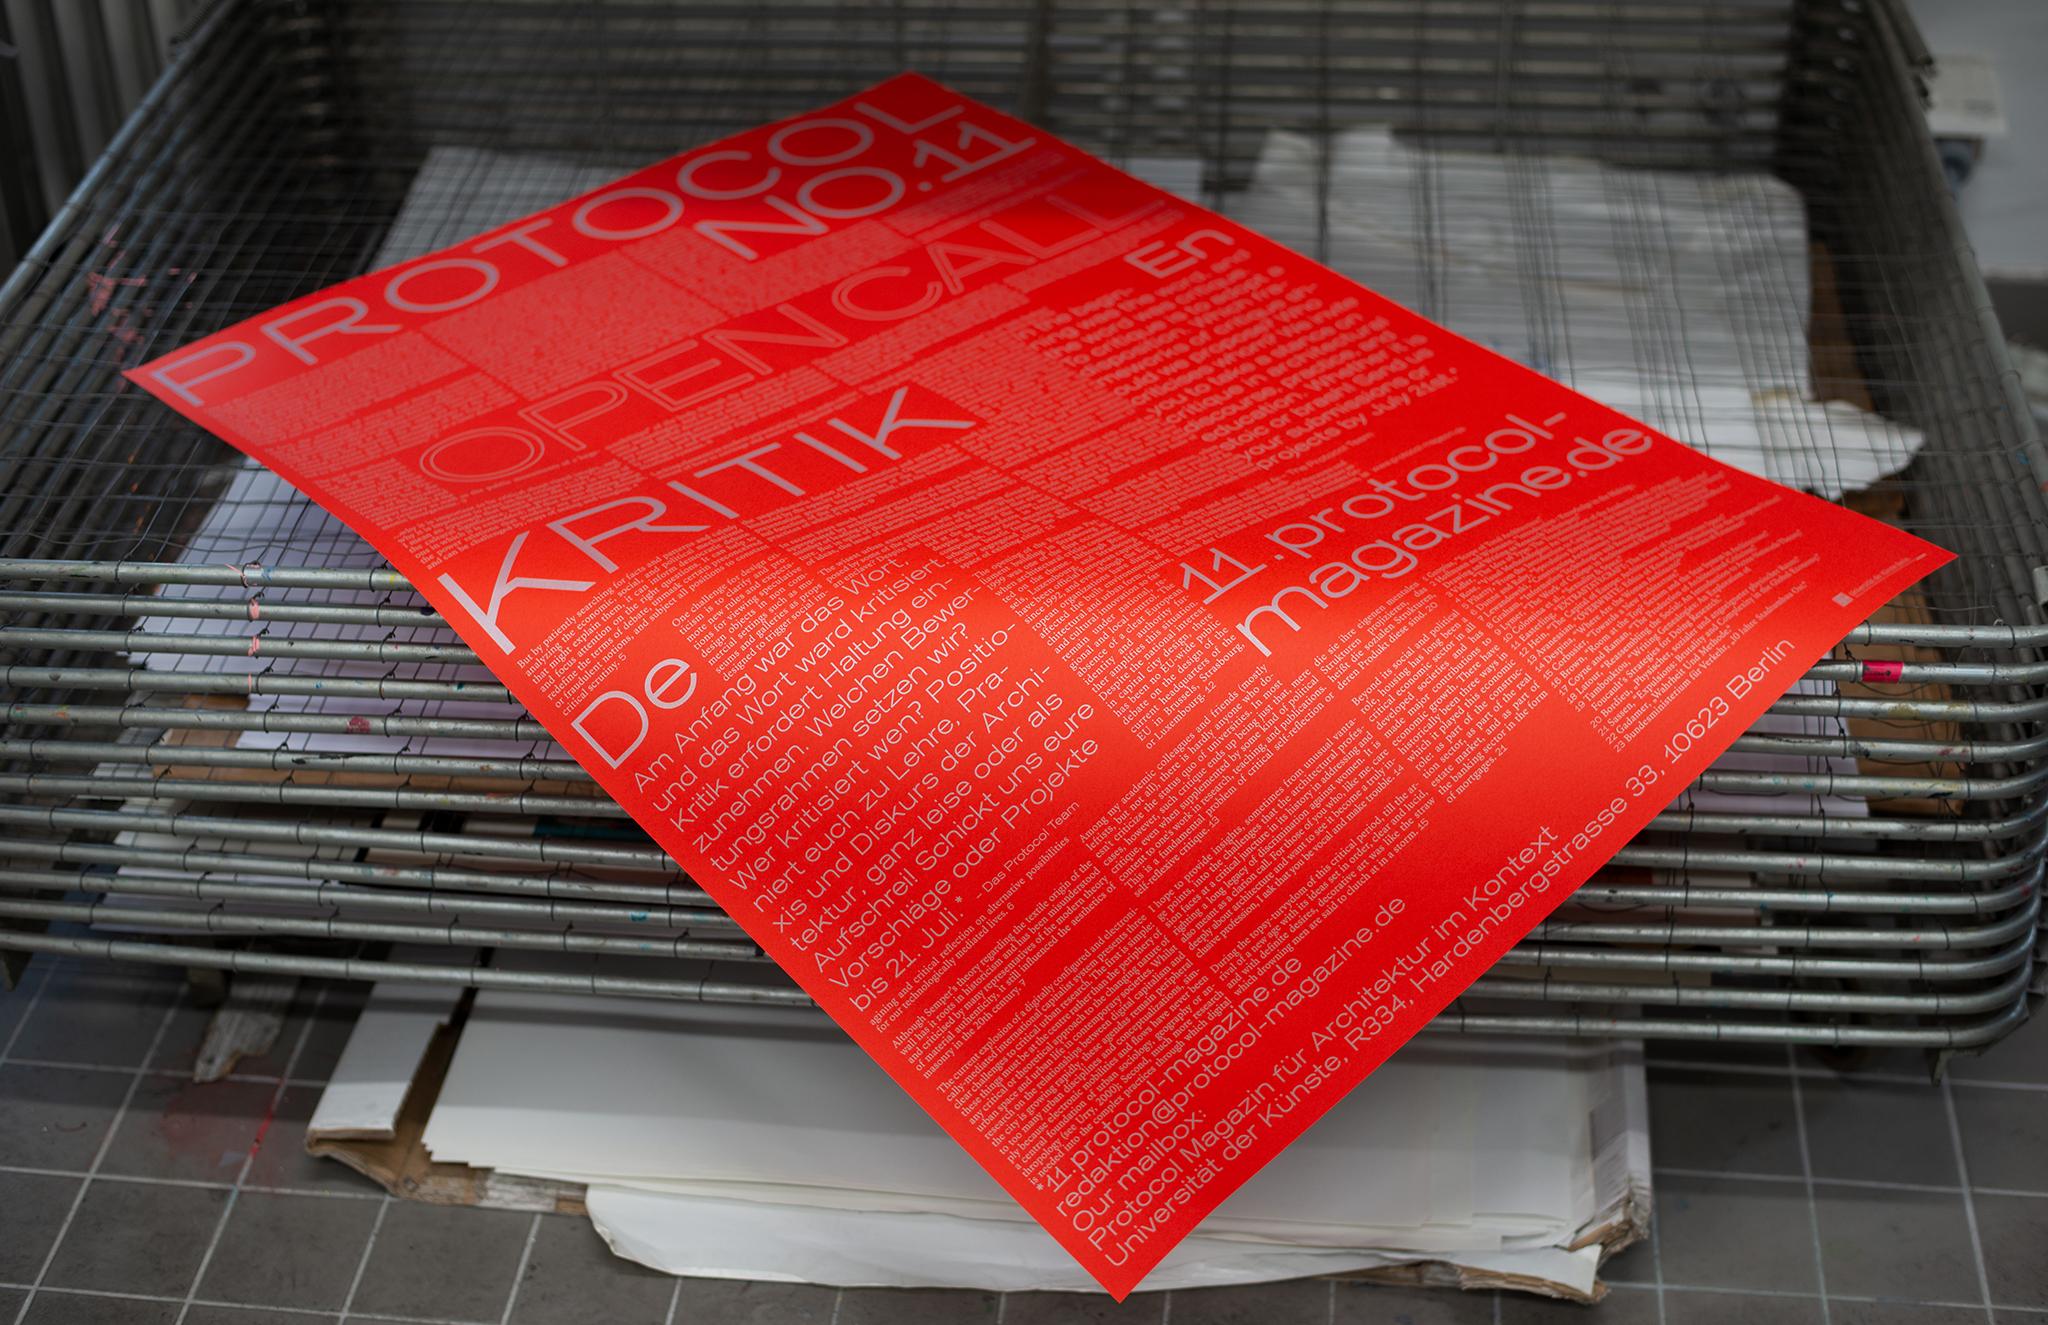 Protocol 11 Magazin für Architektur im Kontext Open Call Poster